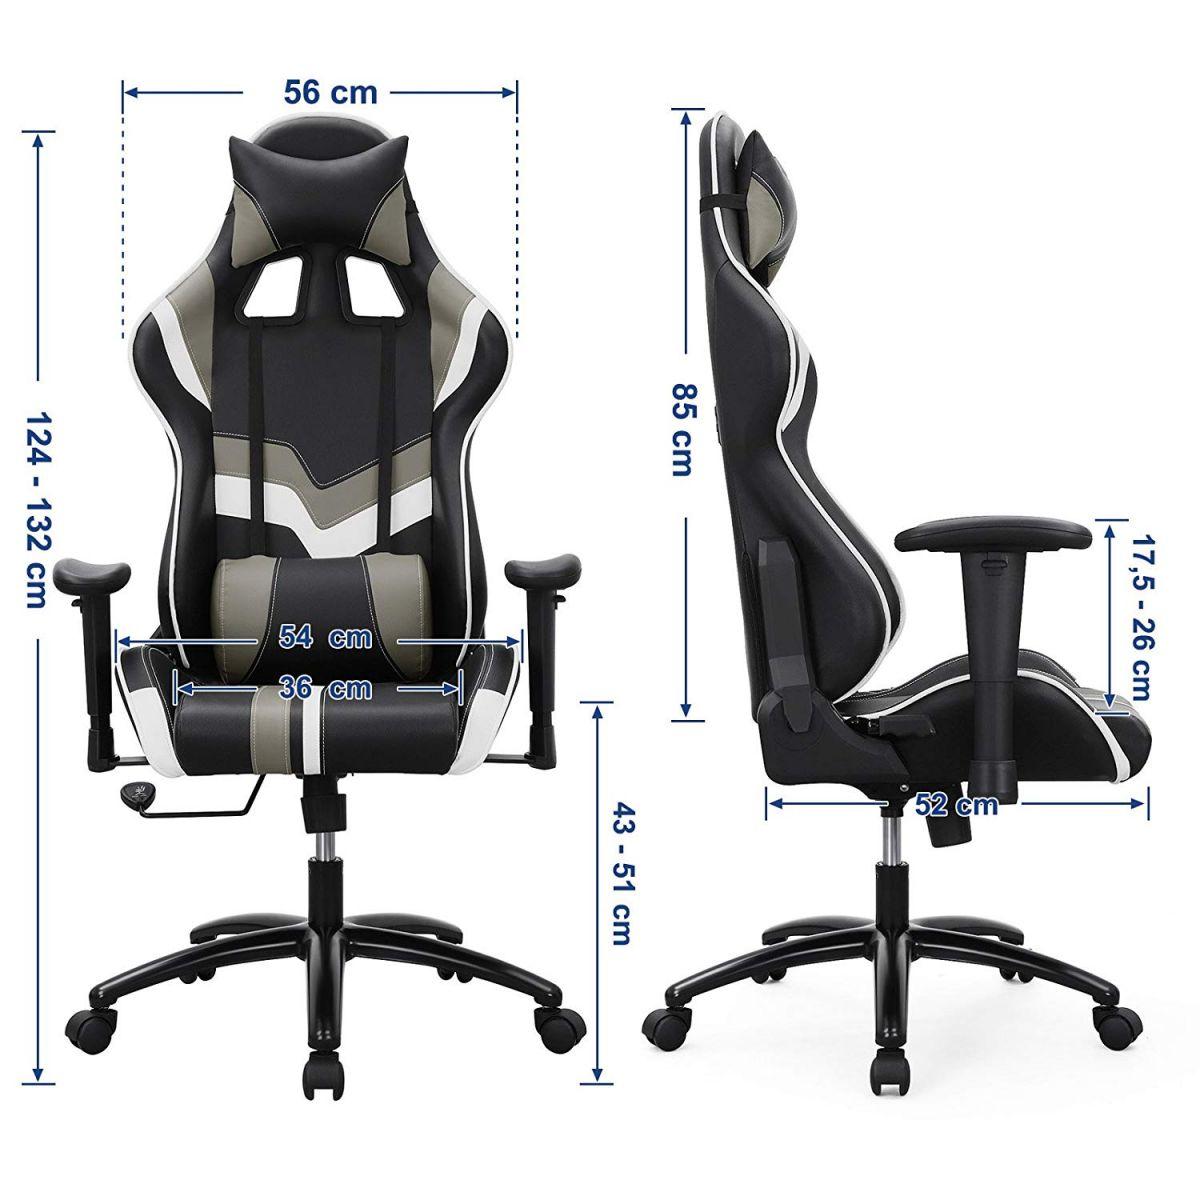 Verstelbare Bureaustoel Zwart.Gamestoel Met Kantelfunctie En Verstelbare Armleuningen Zwart Grijs